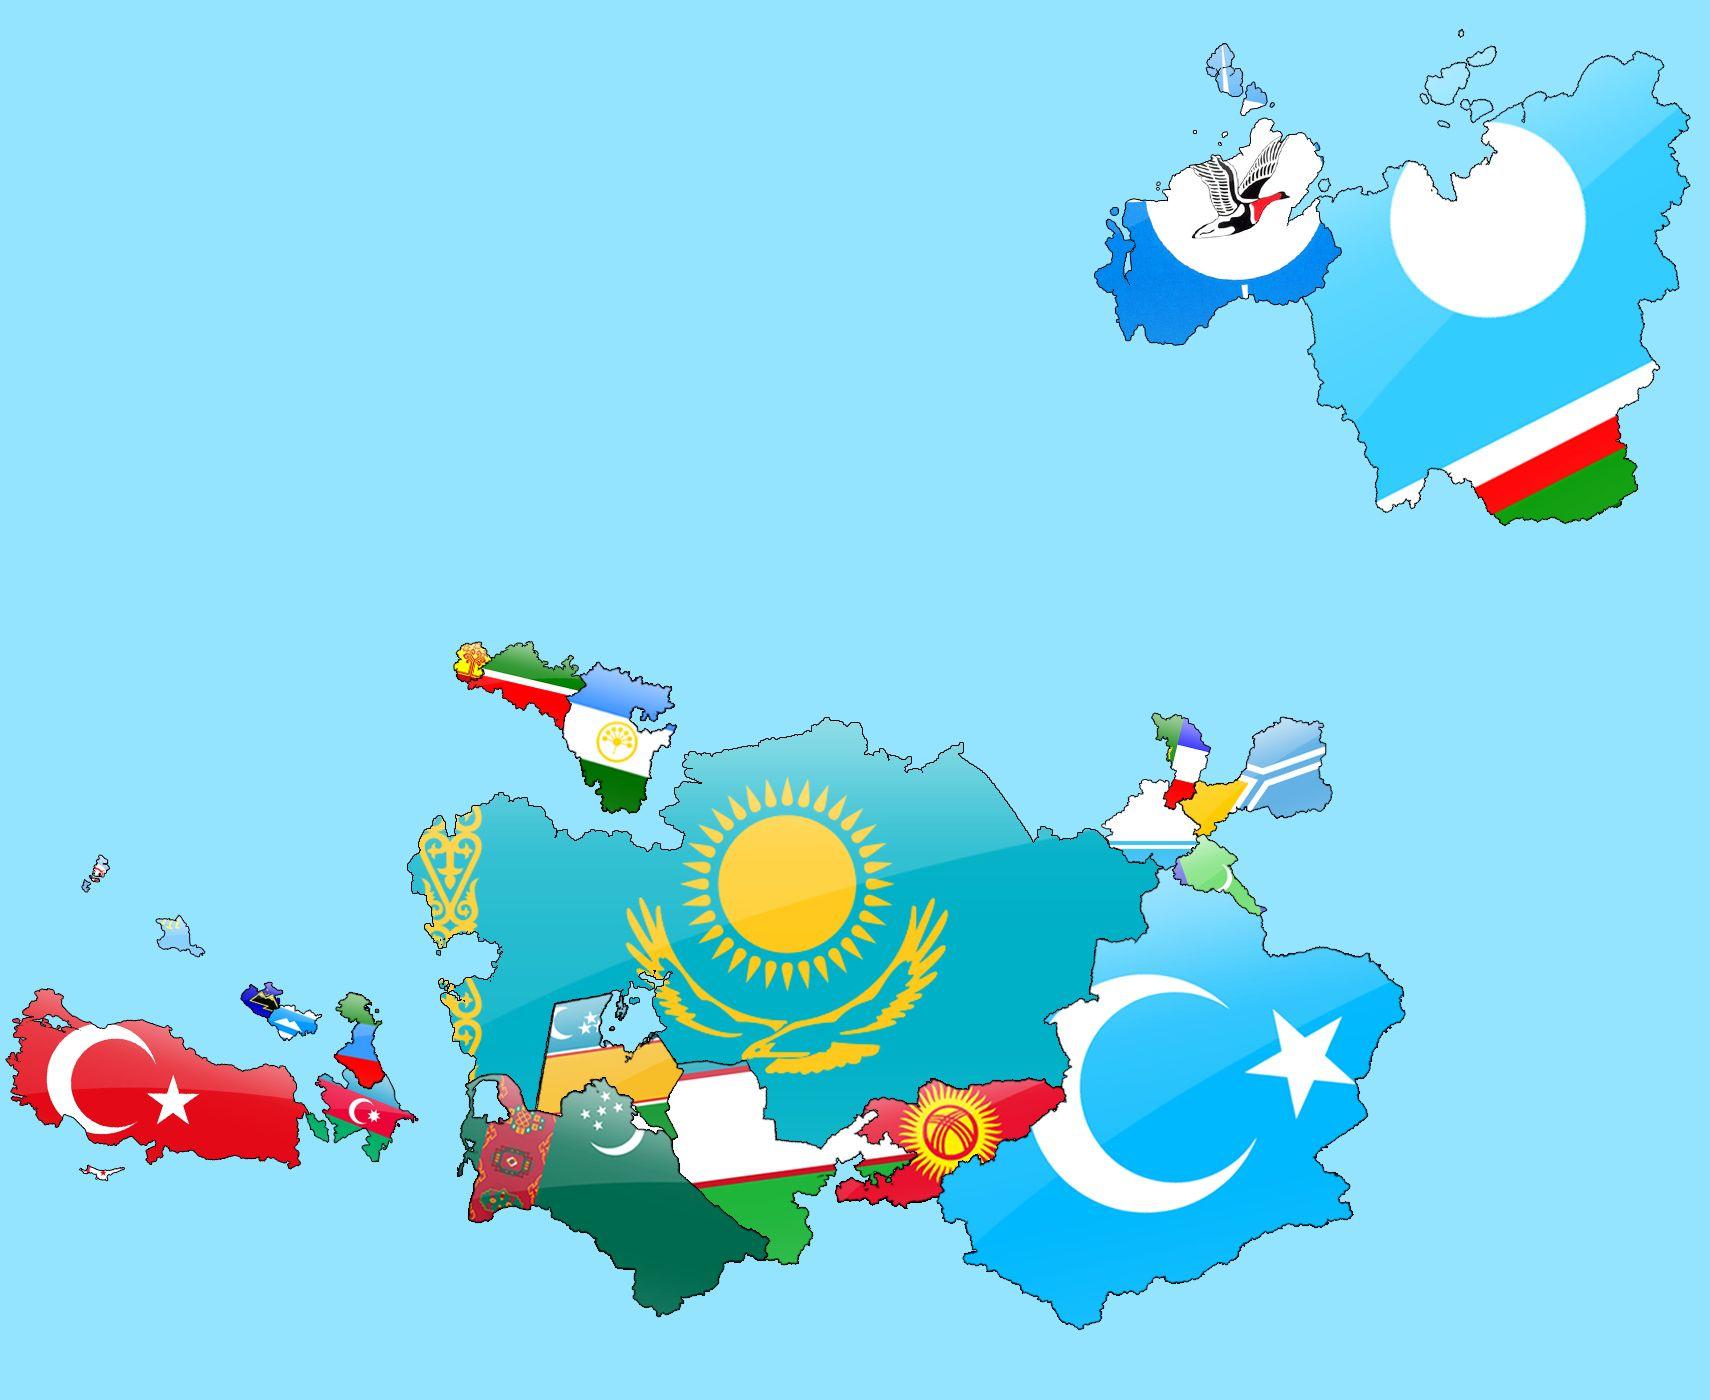 Türk Dünyası Bayrak Haritası | Turkic World Flag Map | Bayrak, Haritalar,  Tarih